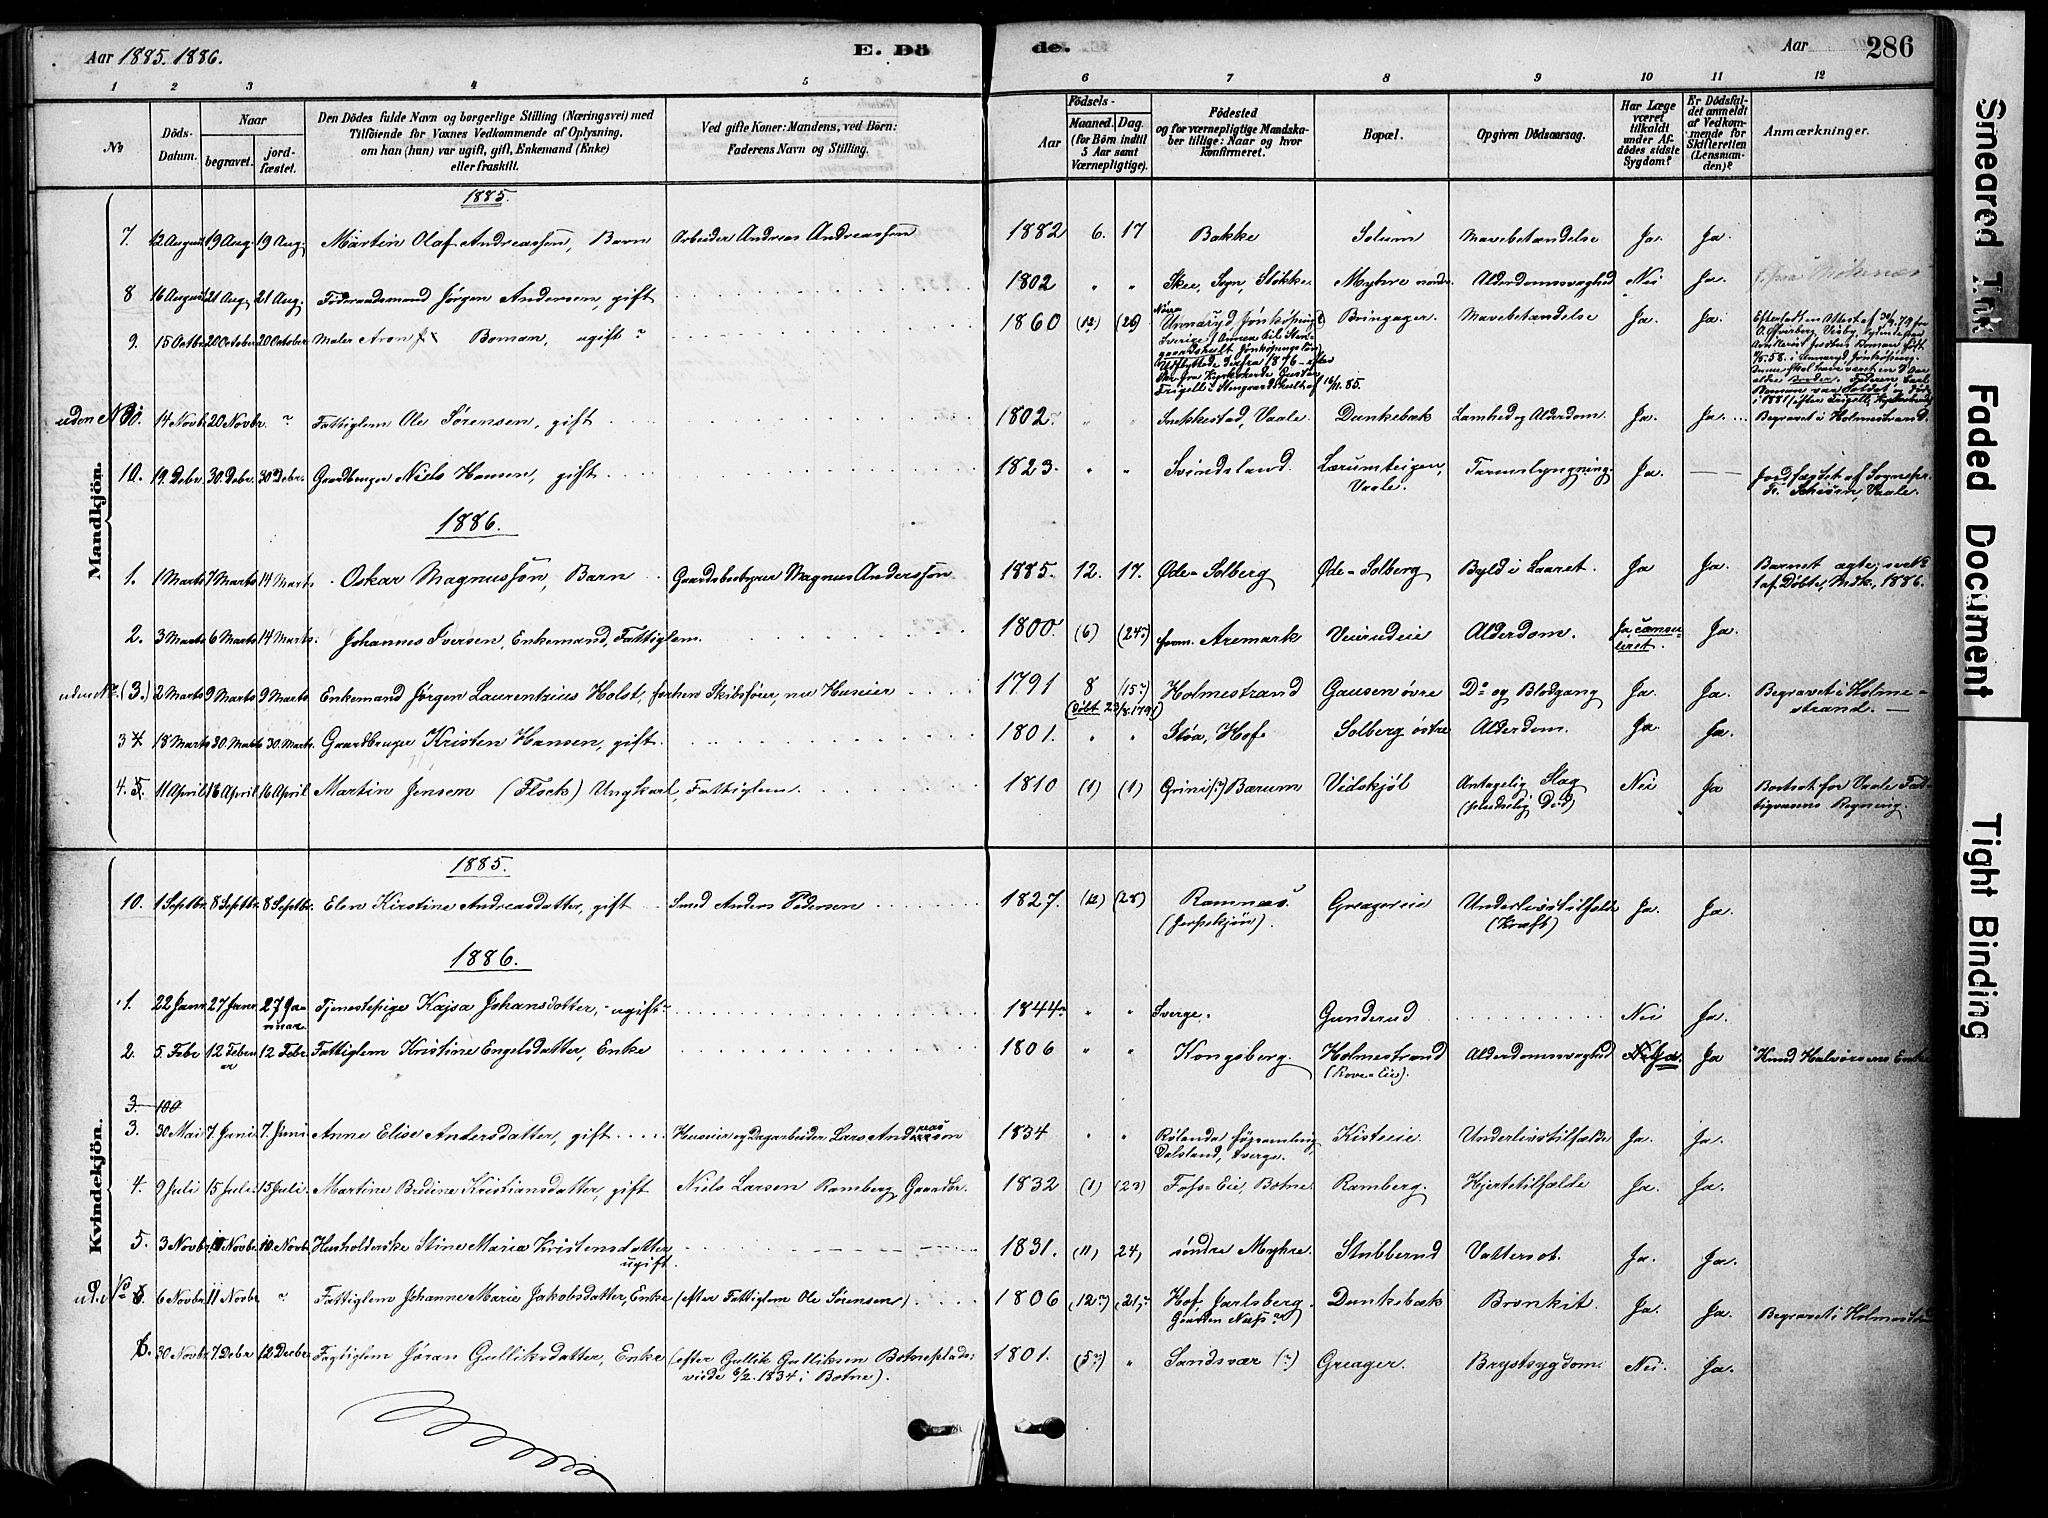 SAKO, Botne kirkebøker, F/Fa/L0007: Ministerialbok nr. I 7, 1878-1910, s. 286